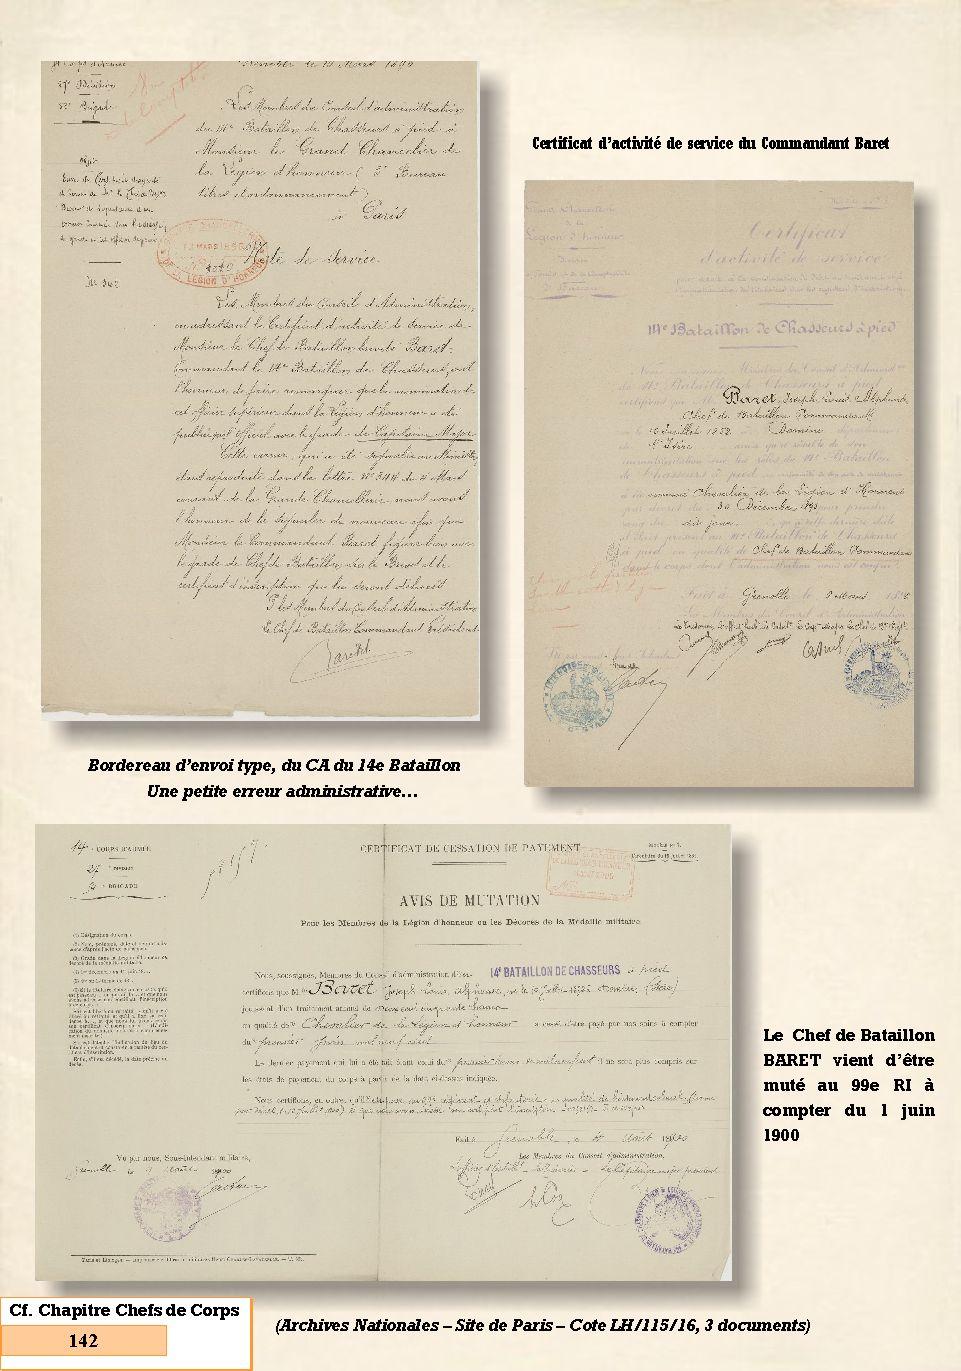 L'Historique du 14e Bataillon de Chasseurs. 1854 - 1962 Page_163